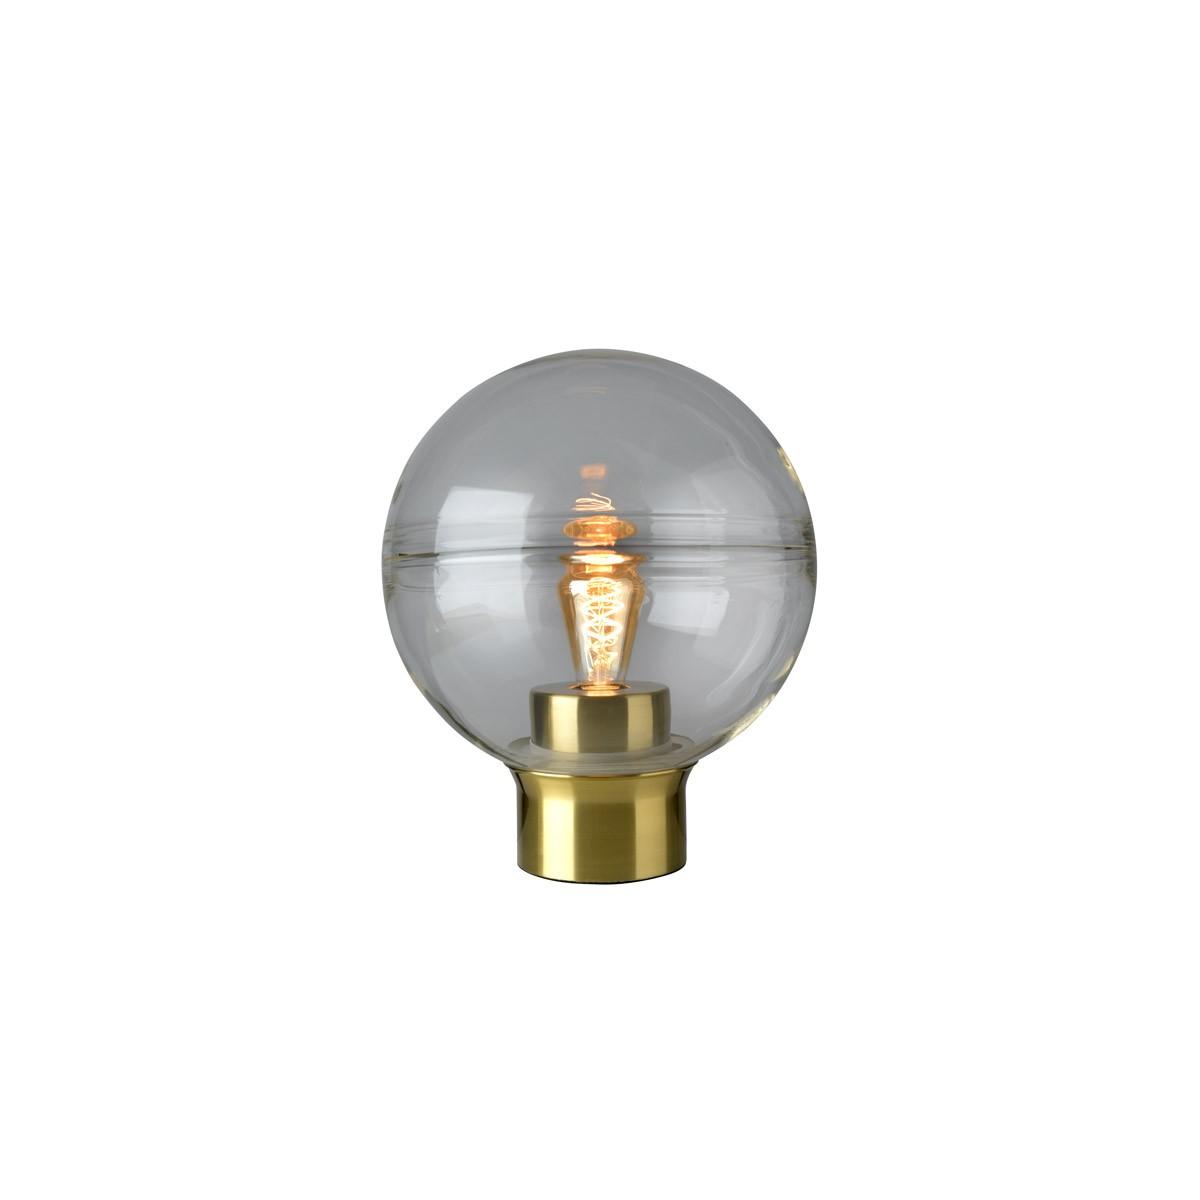 Villeroy & Boch Tokio Tischleuchte, Höhe: 36 cm, Metall: goldfarben, Glas: klar